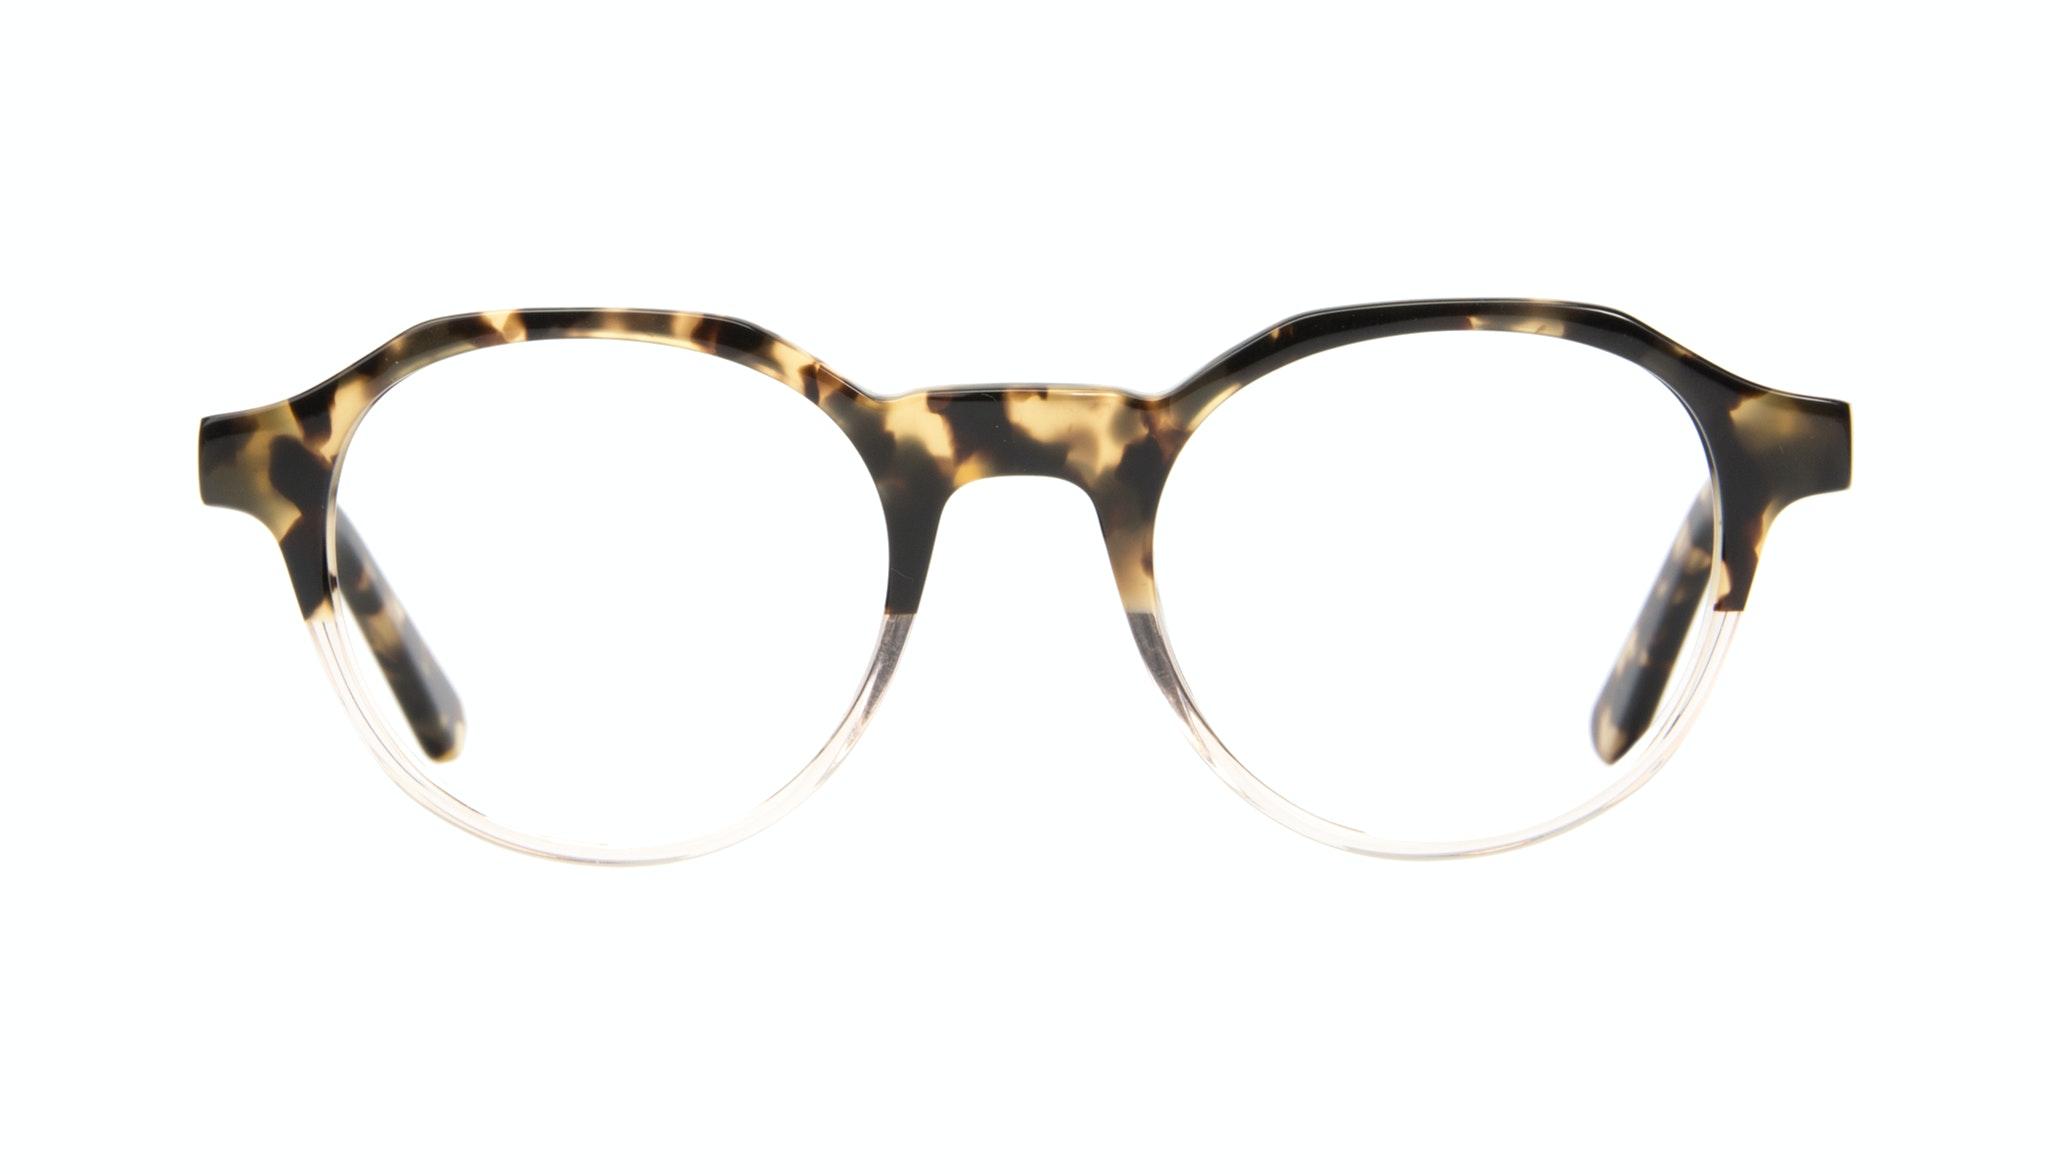 Affordable Fashion Glasses Round Eyeglasses Men Form Golden Tort Front